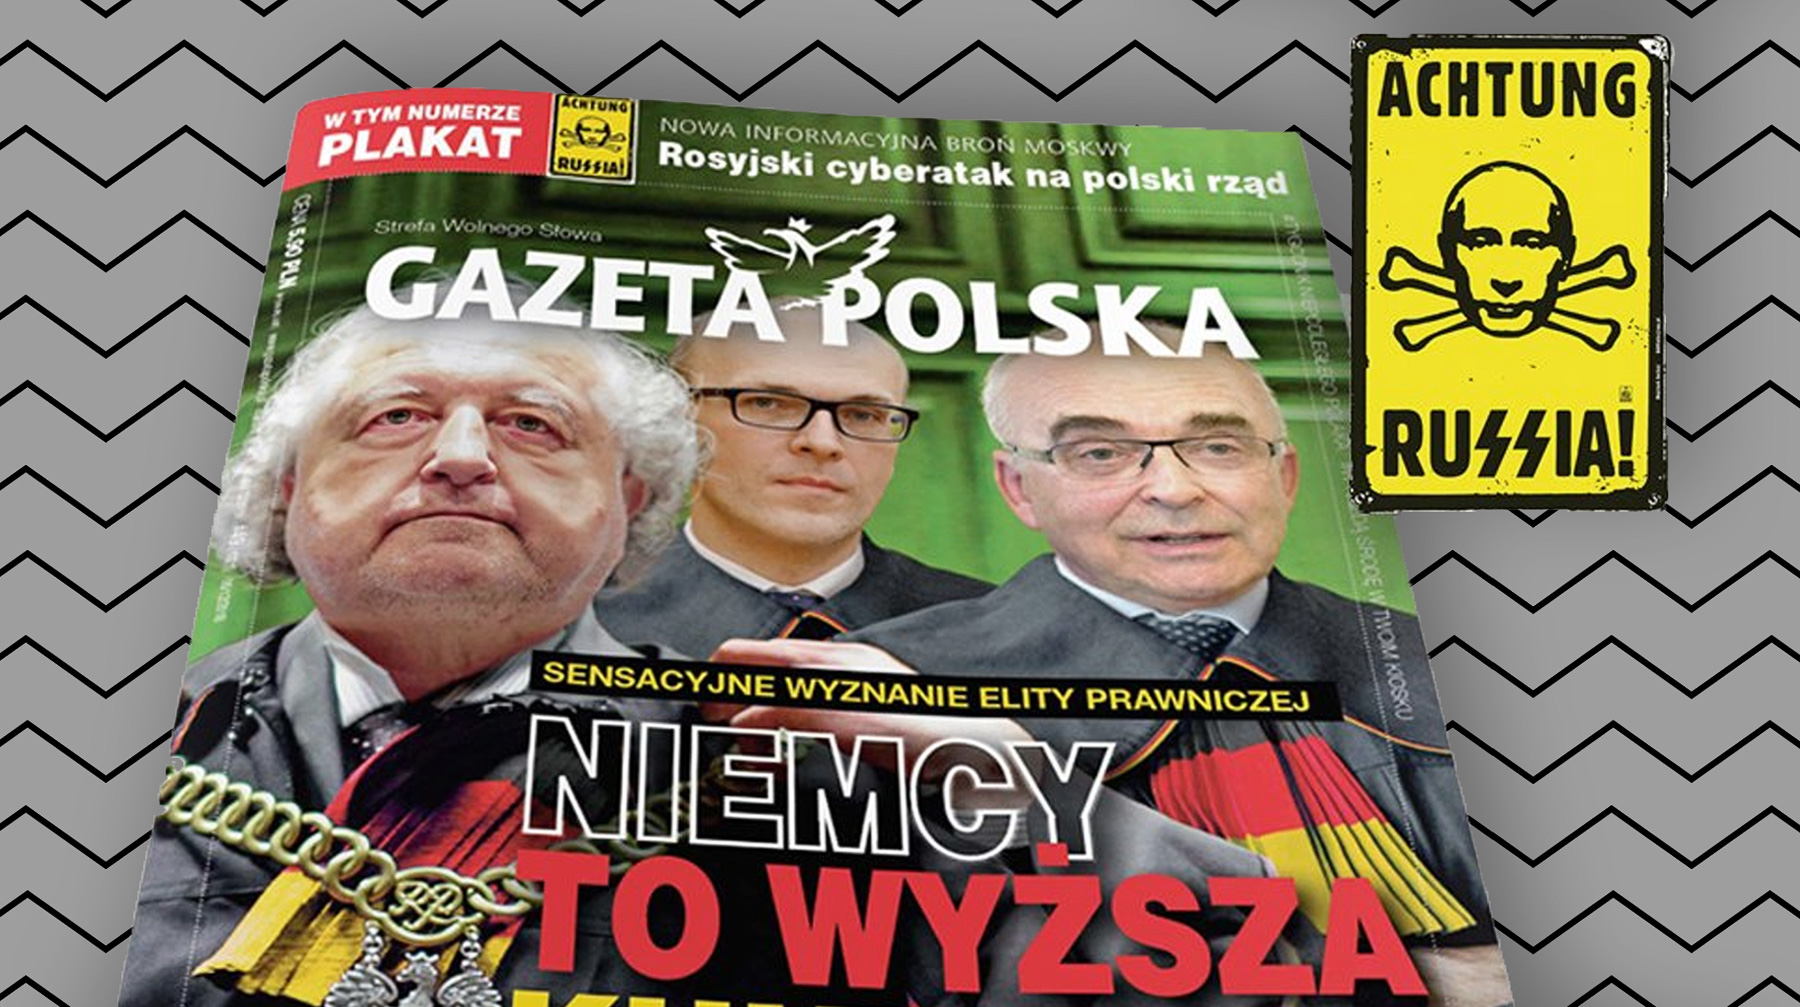 20181205_17-56-В Польше вышел журнал с русофобским плакатом-вкладышем